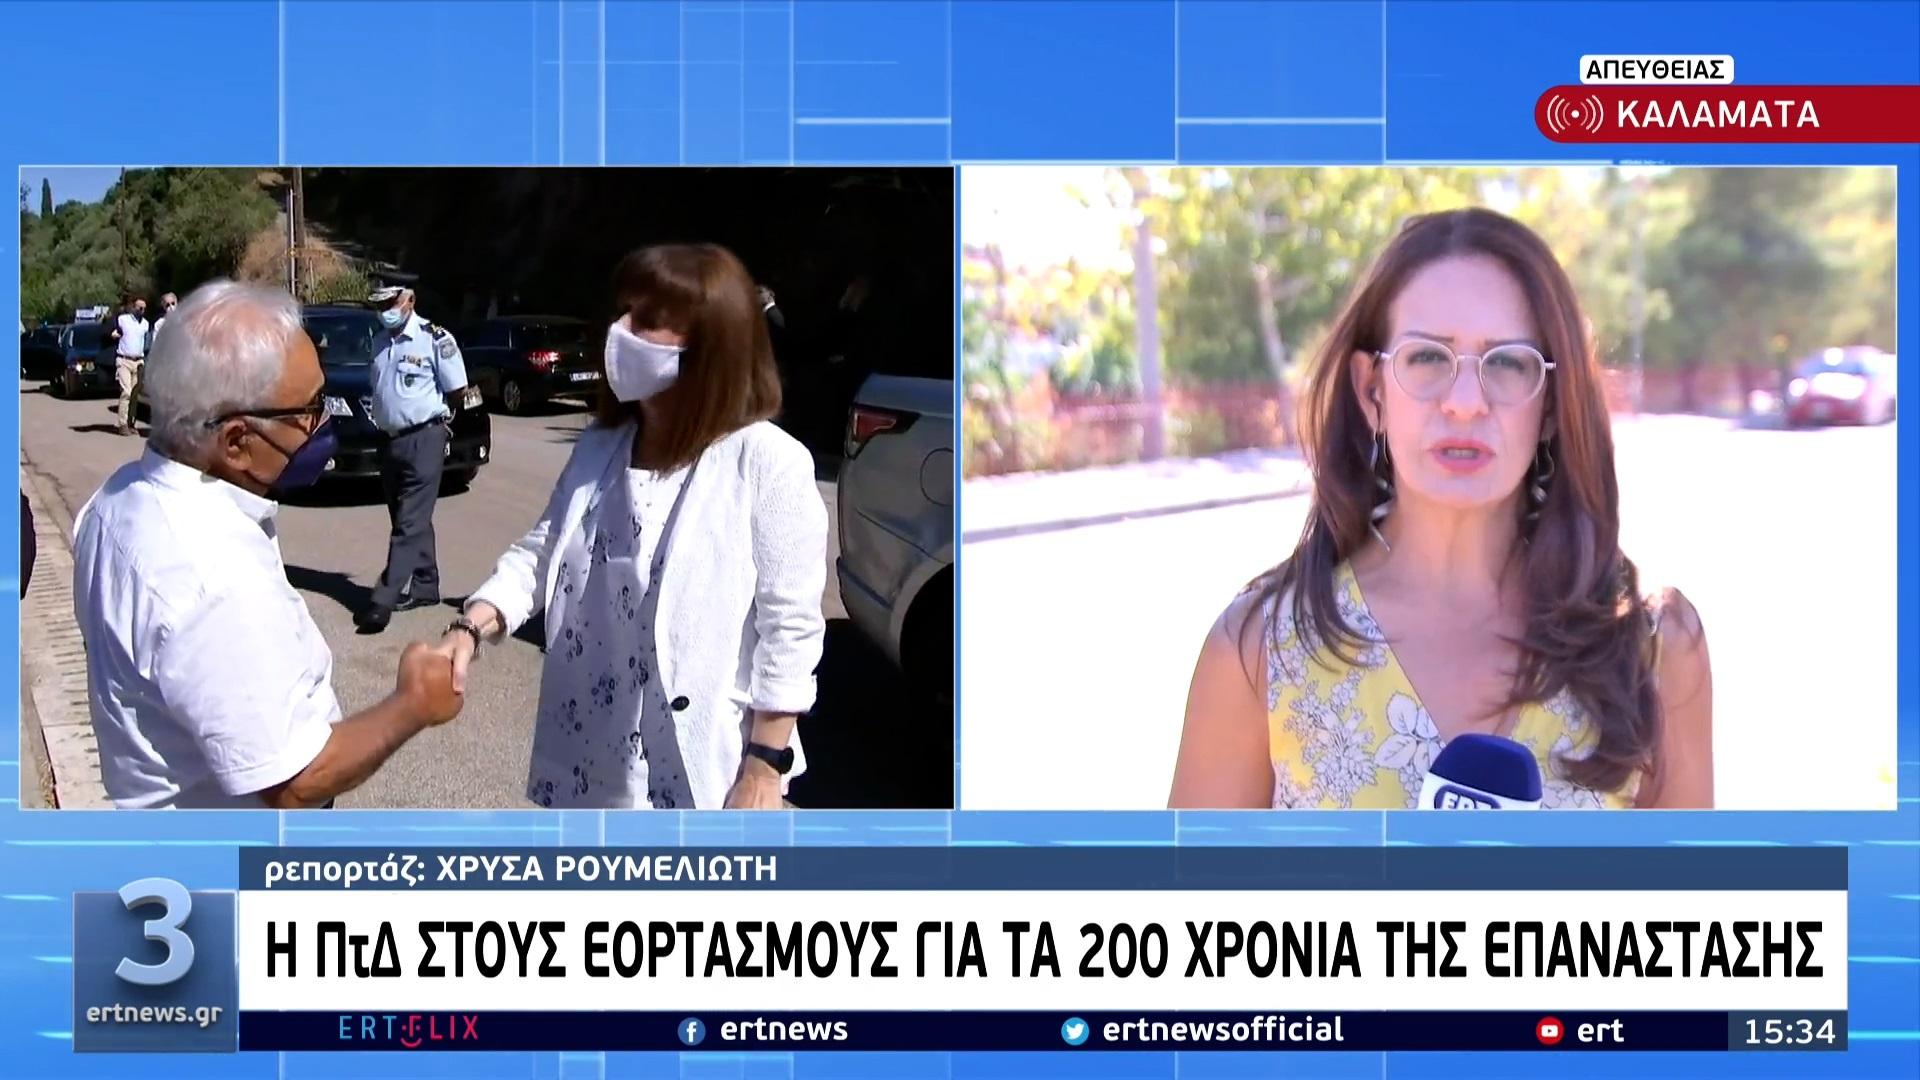 Μ. Βαρβιτσιώτης: Δεν θα γίνουν ανεκτές κινήσεις στο πεδίο που προσβάλλουν τα ελληνικά κυριαρχικά δικαιώματα